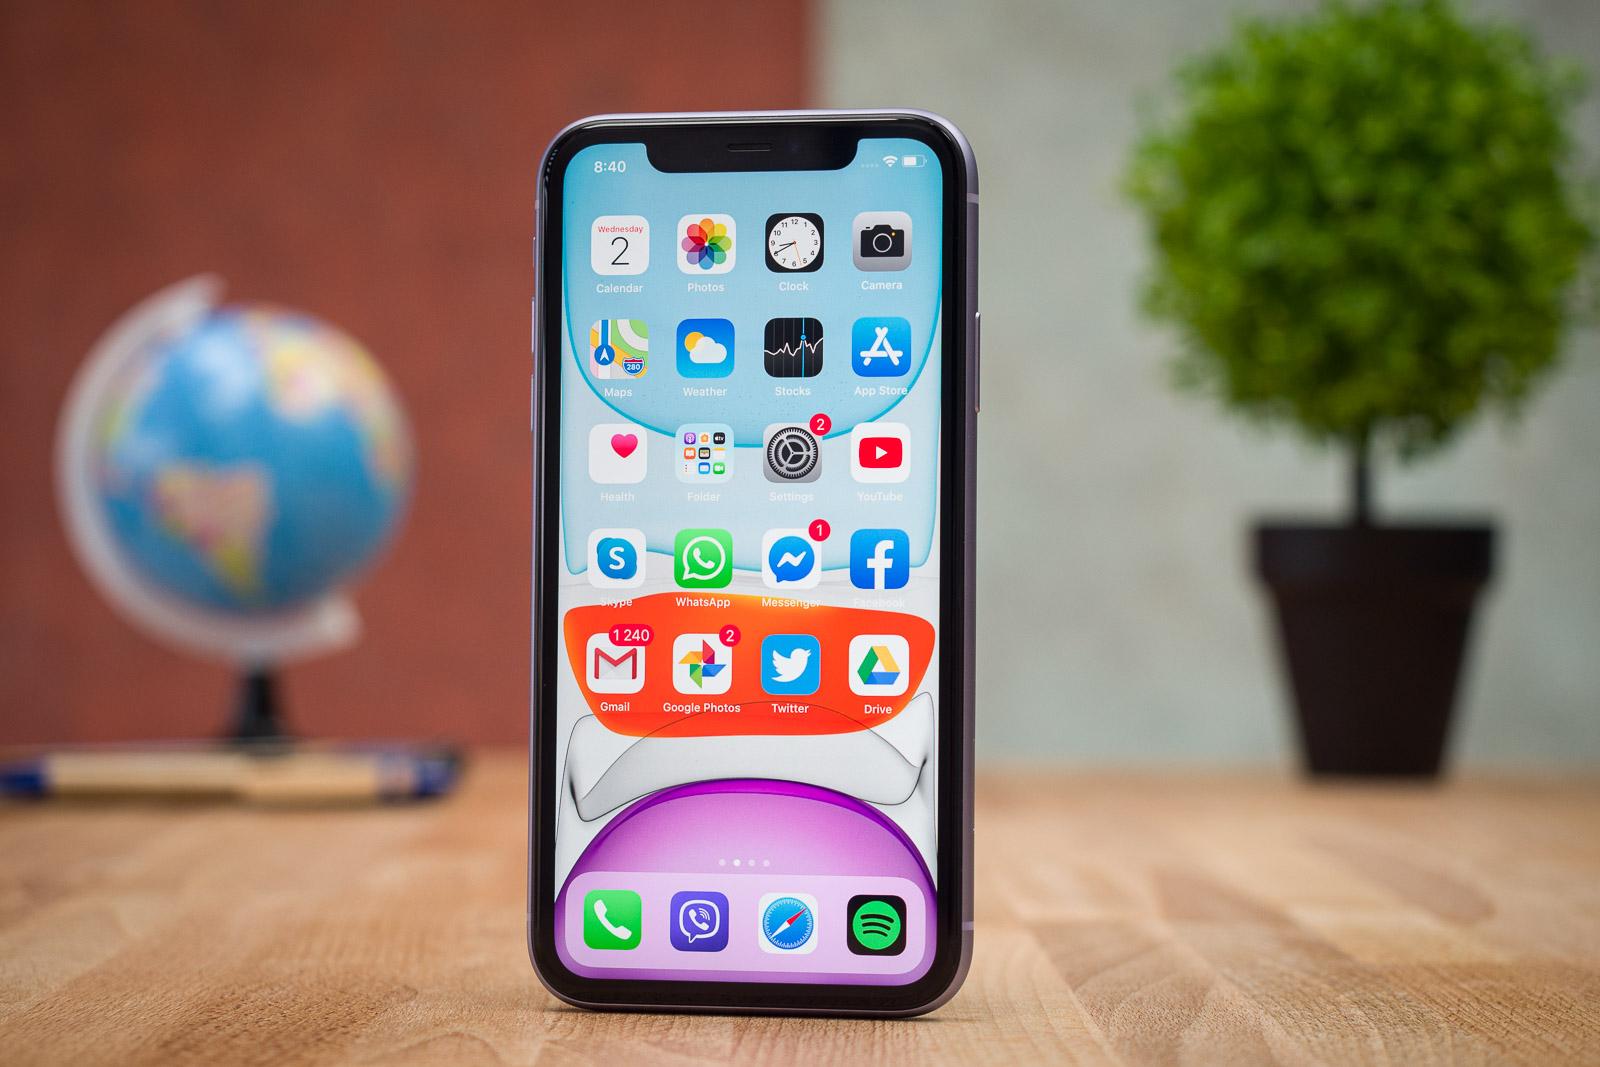 iPhone 11 bị lỗi cảm ứng Apple sẽ thay thế miễn phí trong vòng 2 năm